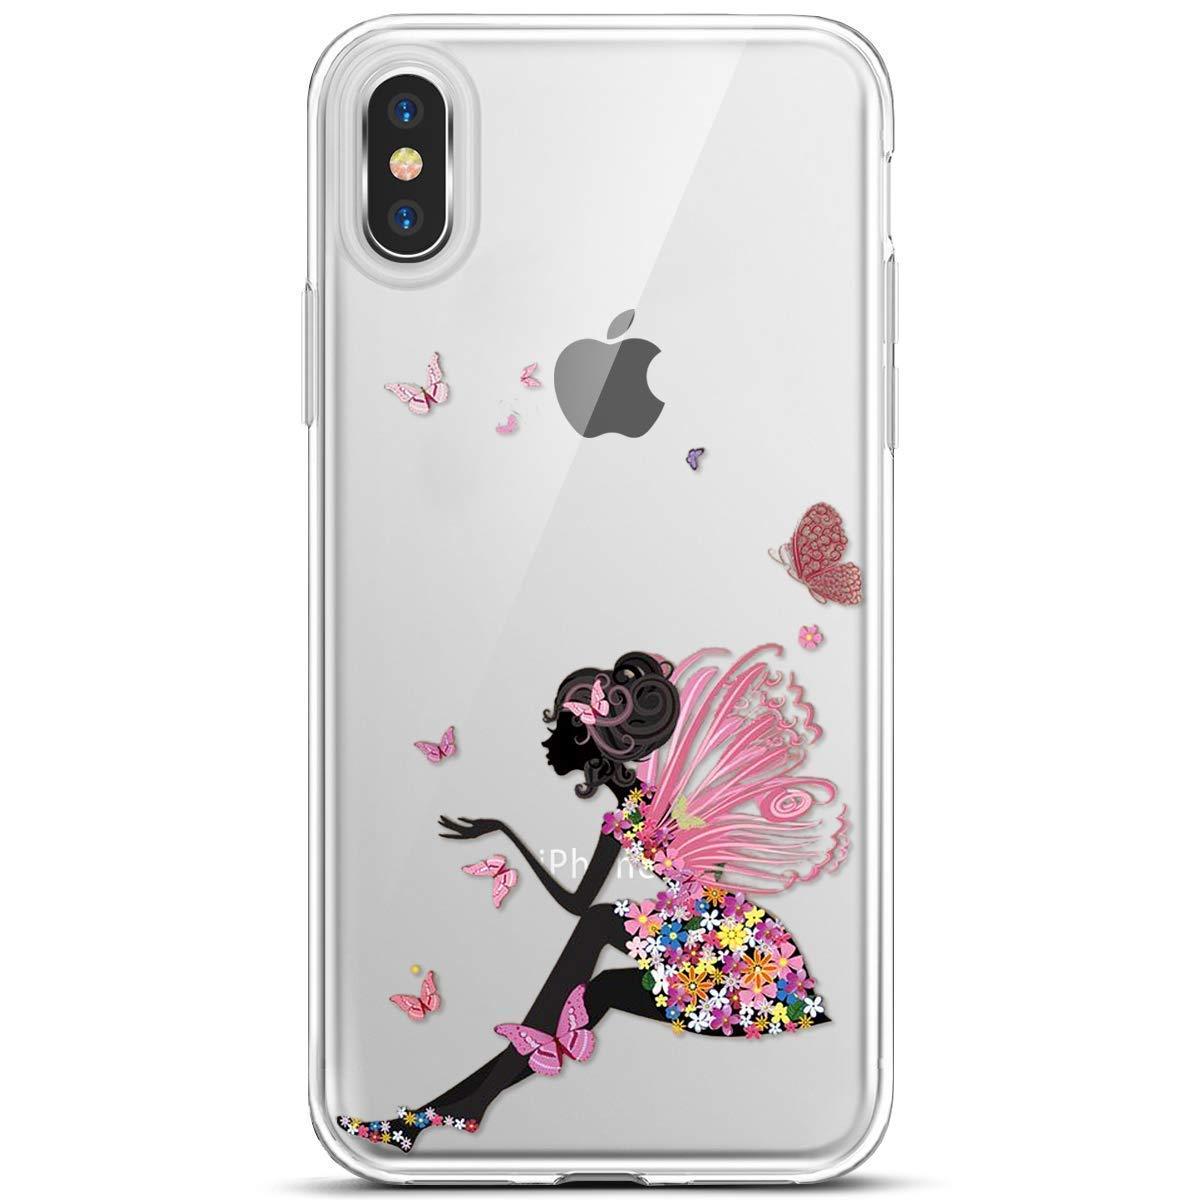 Felfy Trasparente Cover Compatibile con iPhone XS Max Custodia Silicone Morbido,Ultra Sottile Slim Cover con Trasparente con Disegni,Bling Glitter Brillantini Dipinto Disegni TPU Shiny Case.Panda